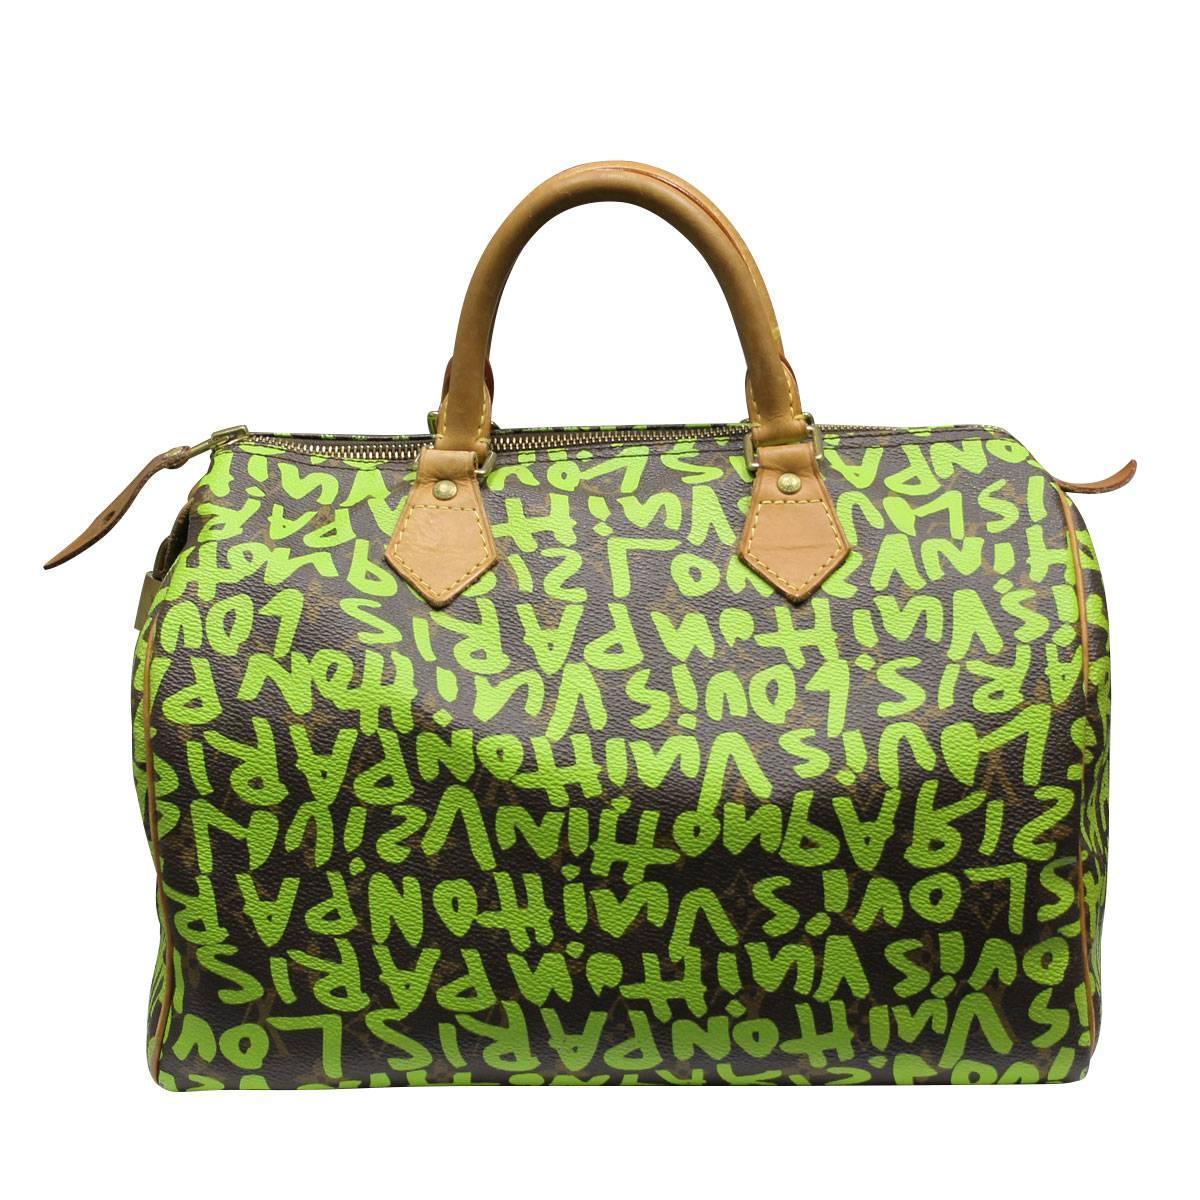 d1aeab907e3 Louis Vuitton Graffiti Bag Related Keywords   Suggestions - Louis ...